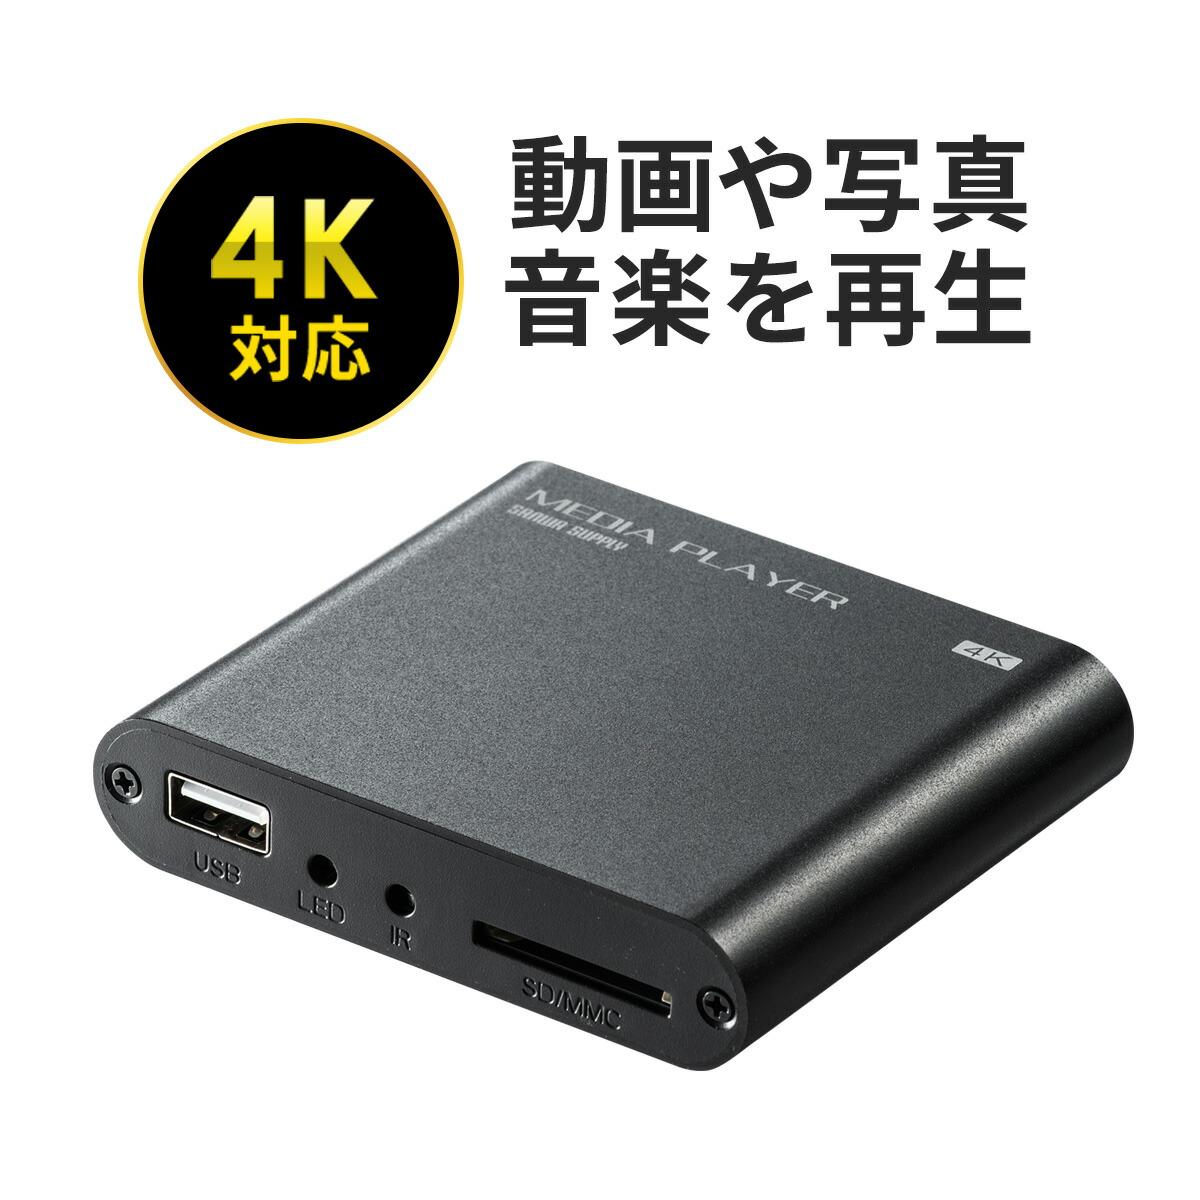 4K対応メディアプレーヤー HDMI・RCA接続 SDカード・USBメモリ対応 コンパクト 小型 ポータブル テレビ出力 動画 画像 音楽 写真 4K